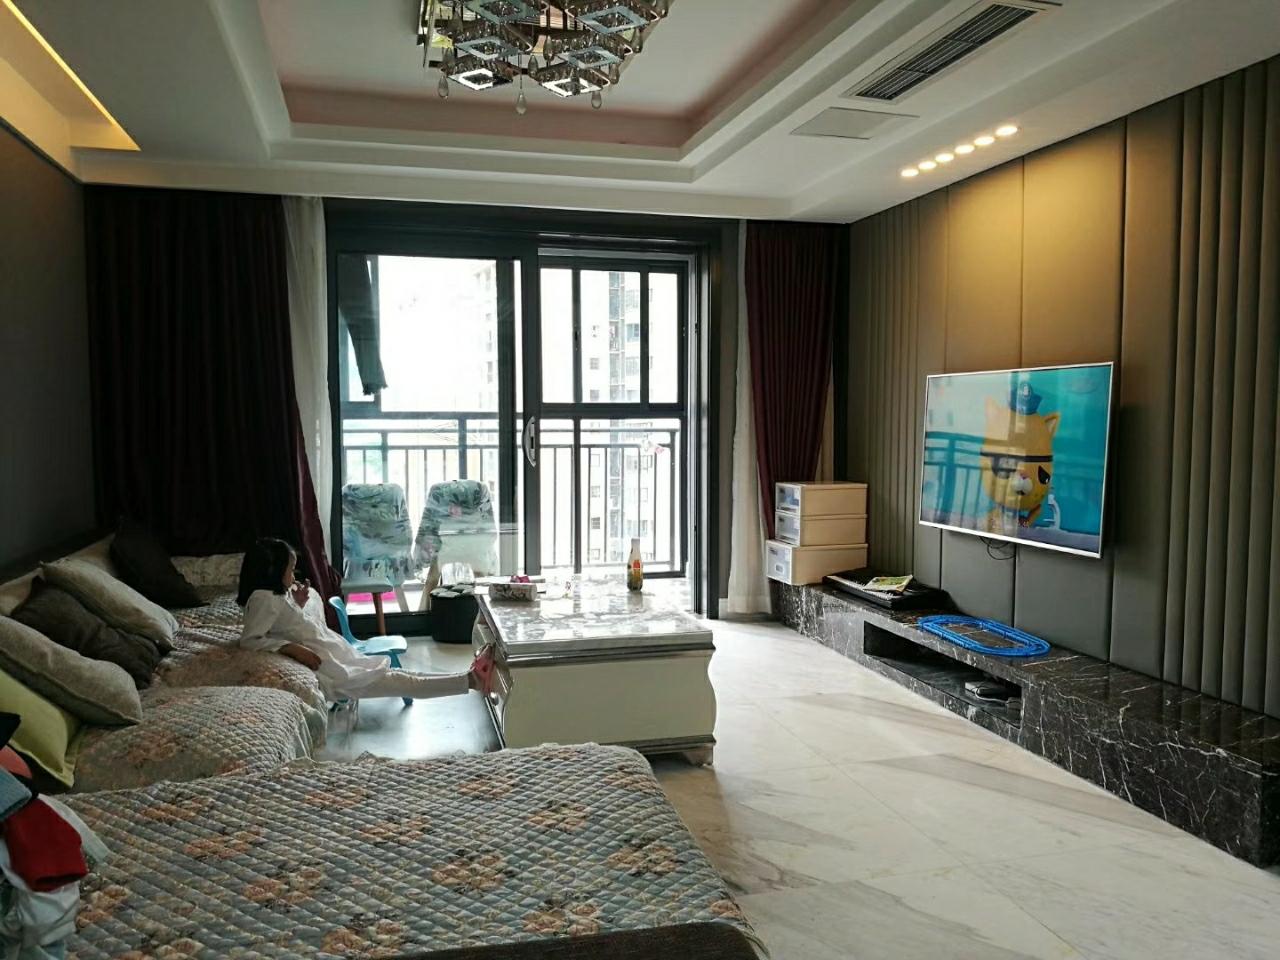 国维·中央府邸3室 2厅 2卫80万元